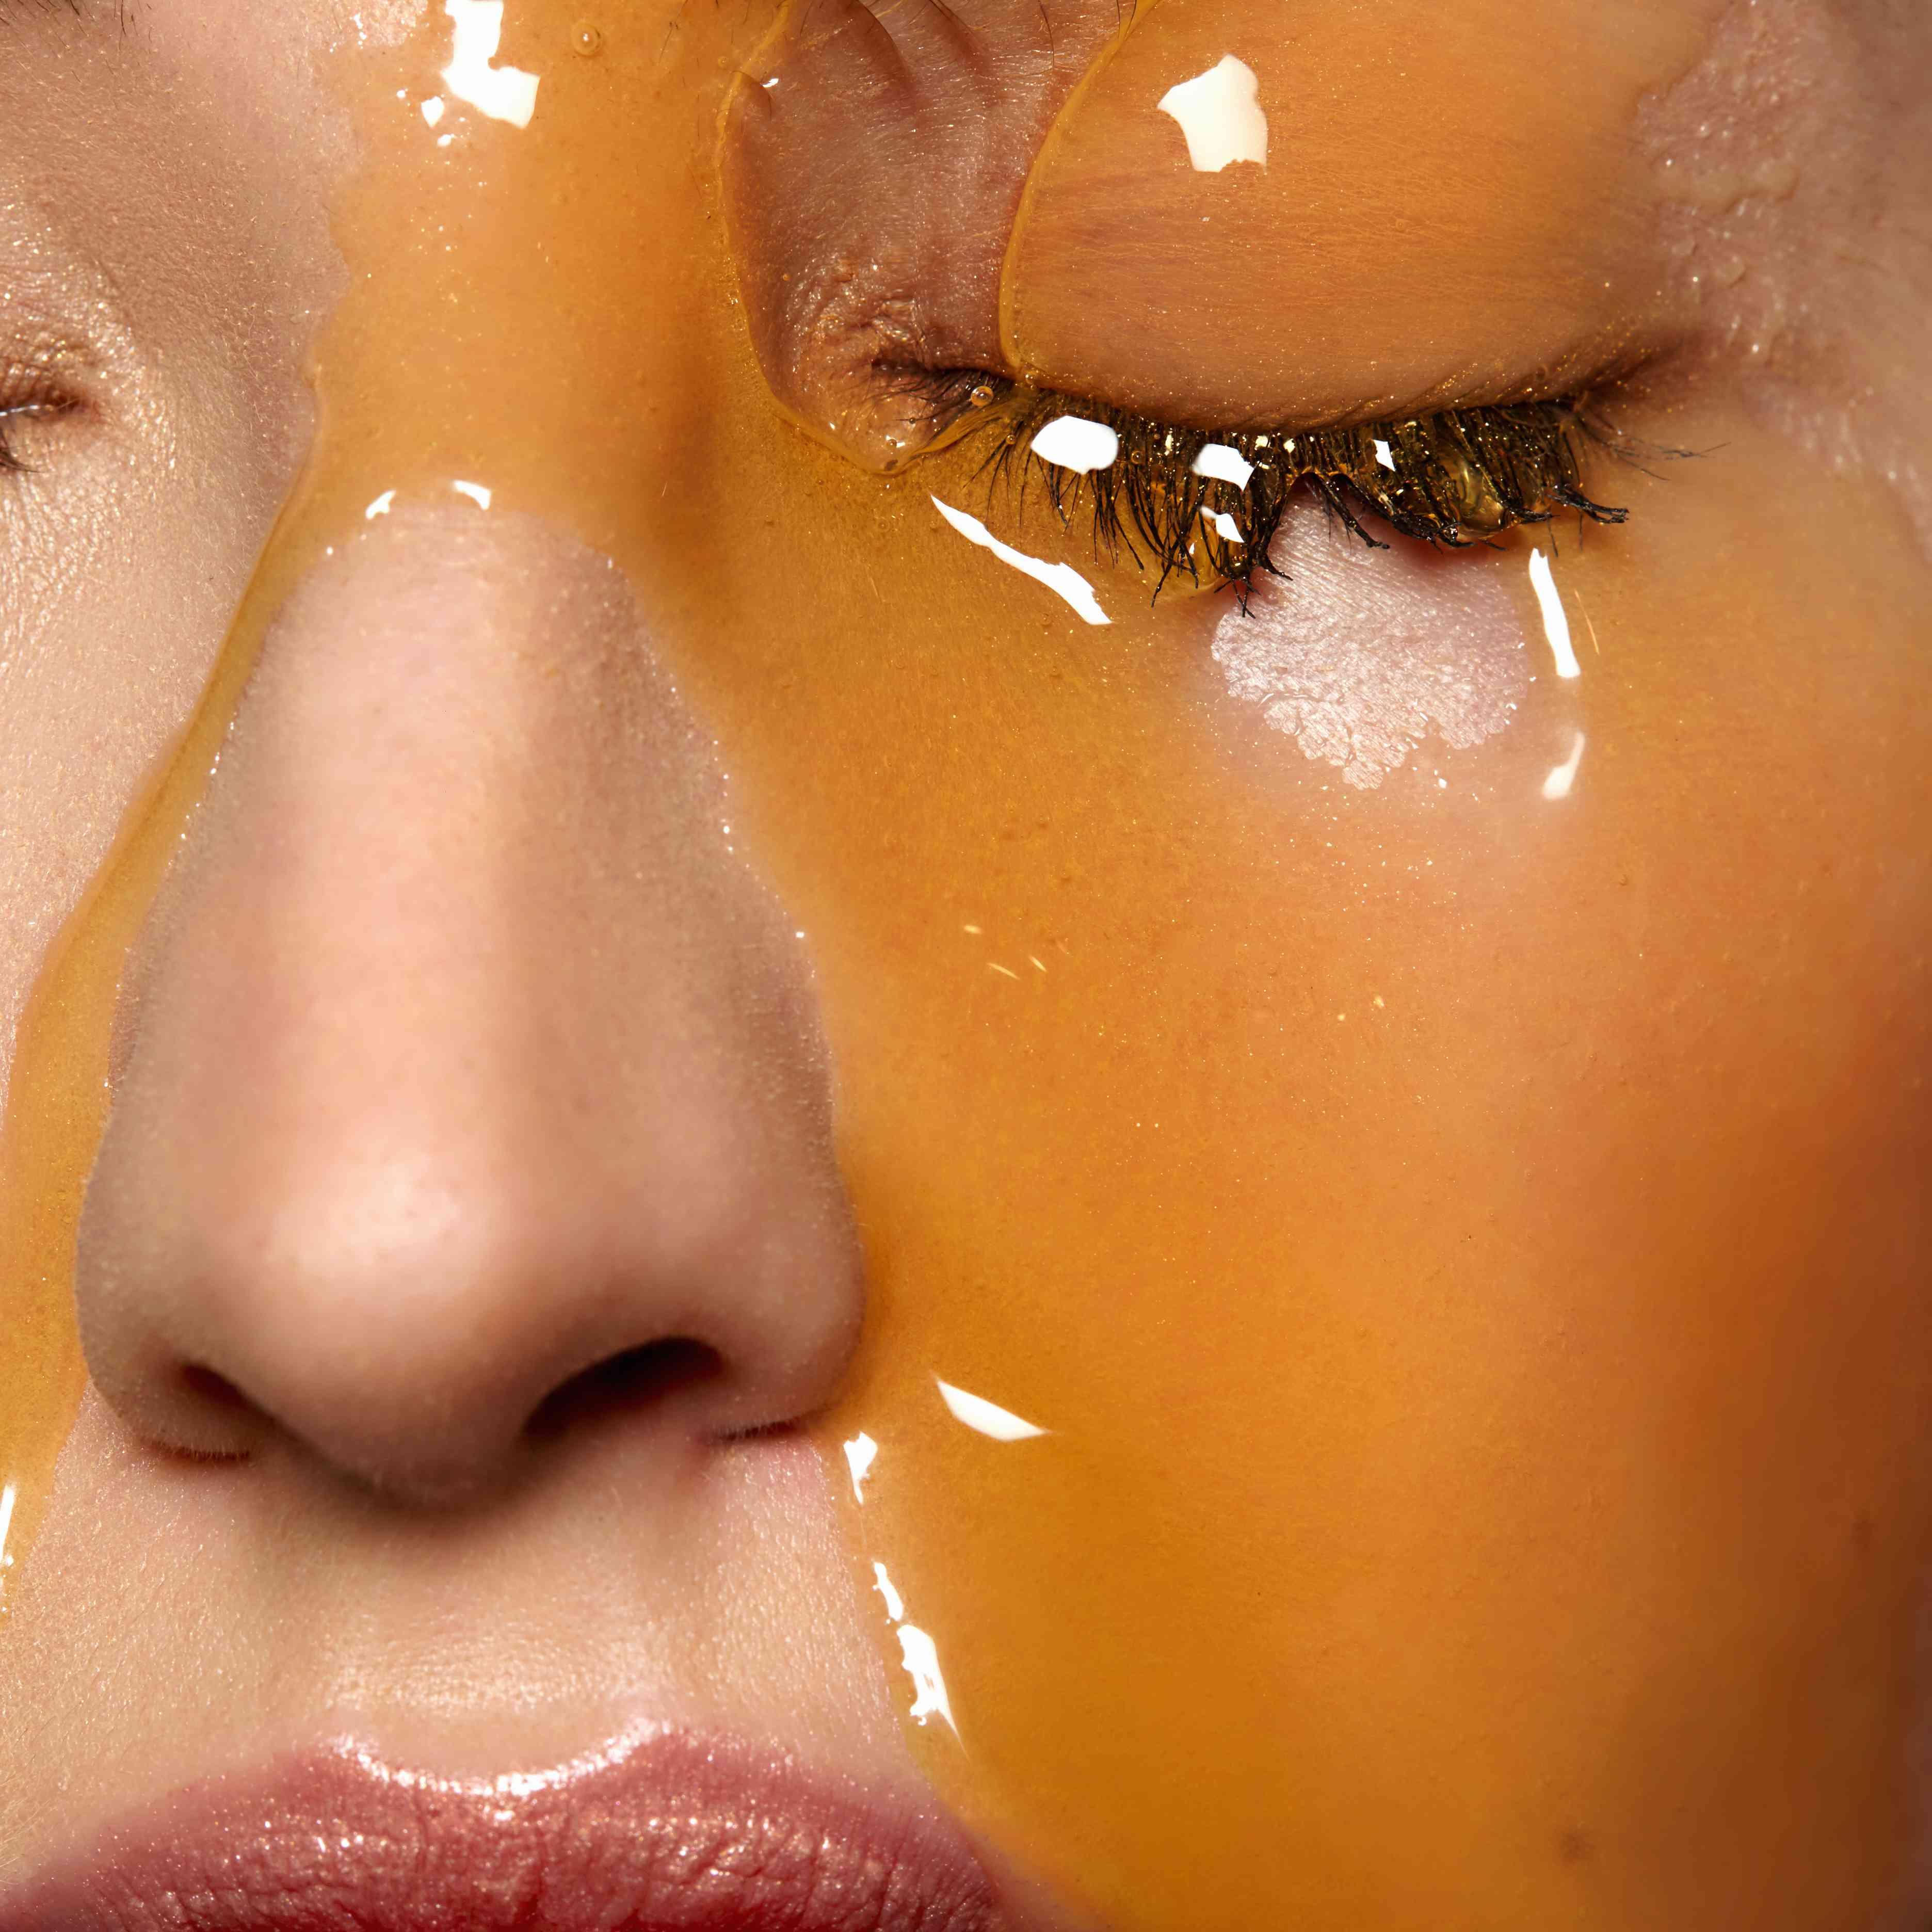 Female models face covered in honey